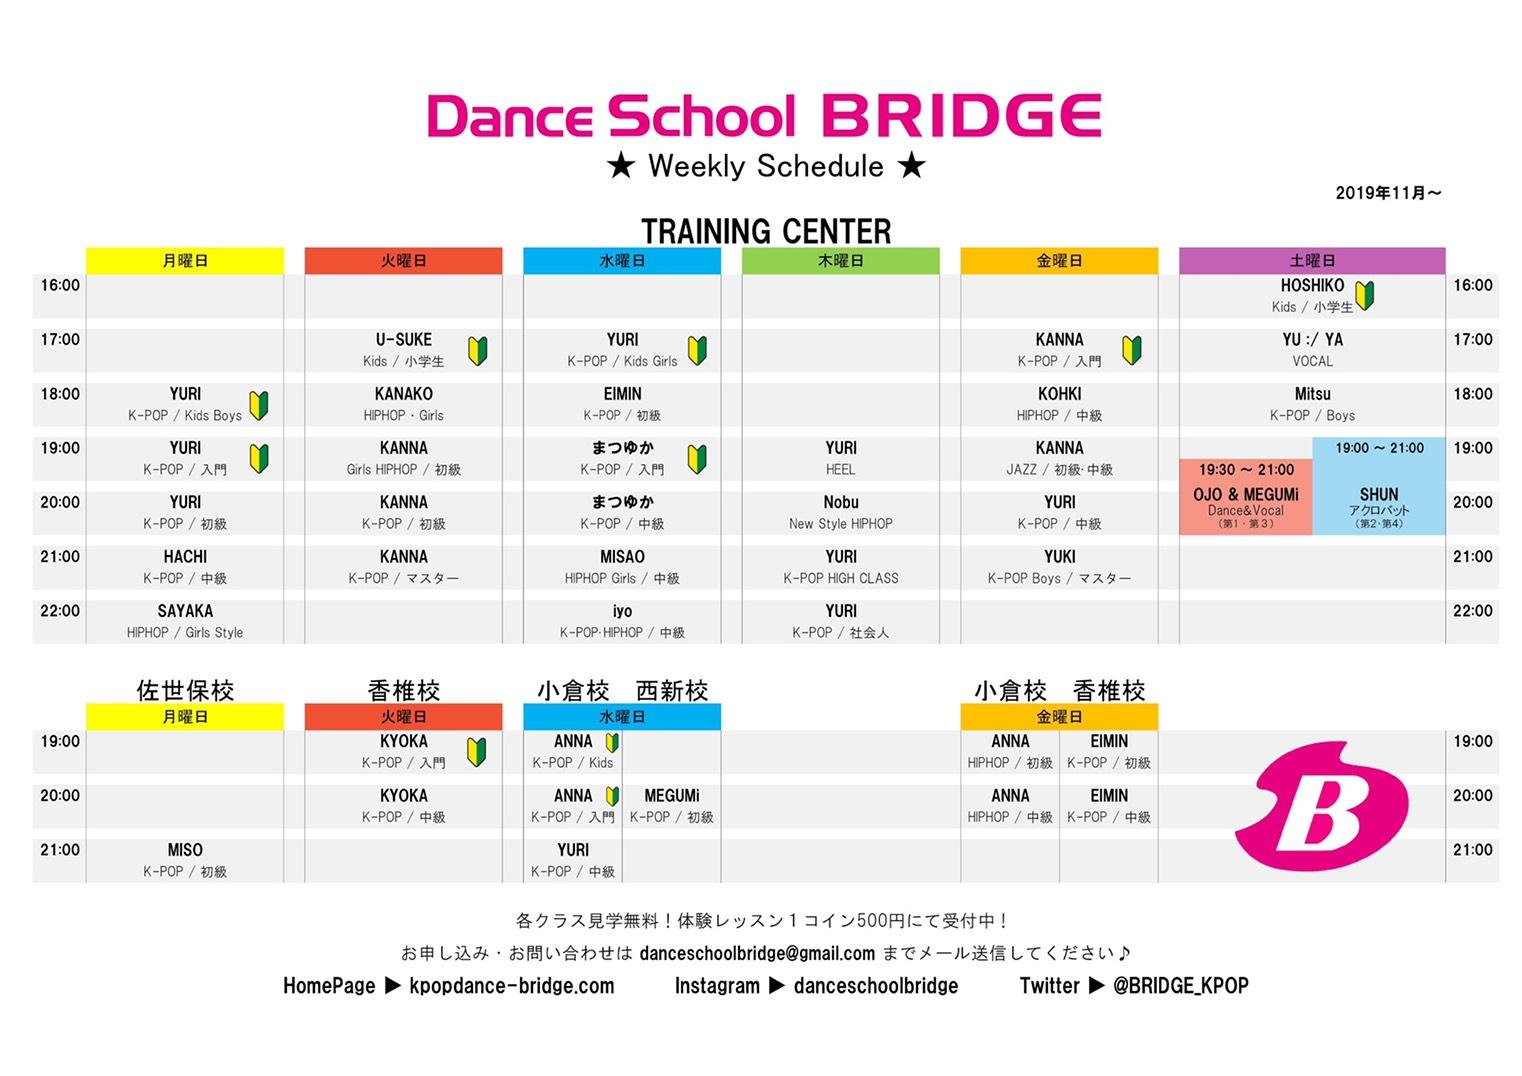 K-POPダンス ブリッジ スケジュール